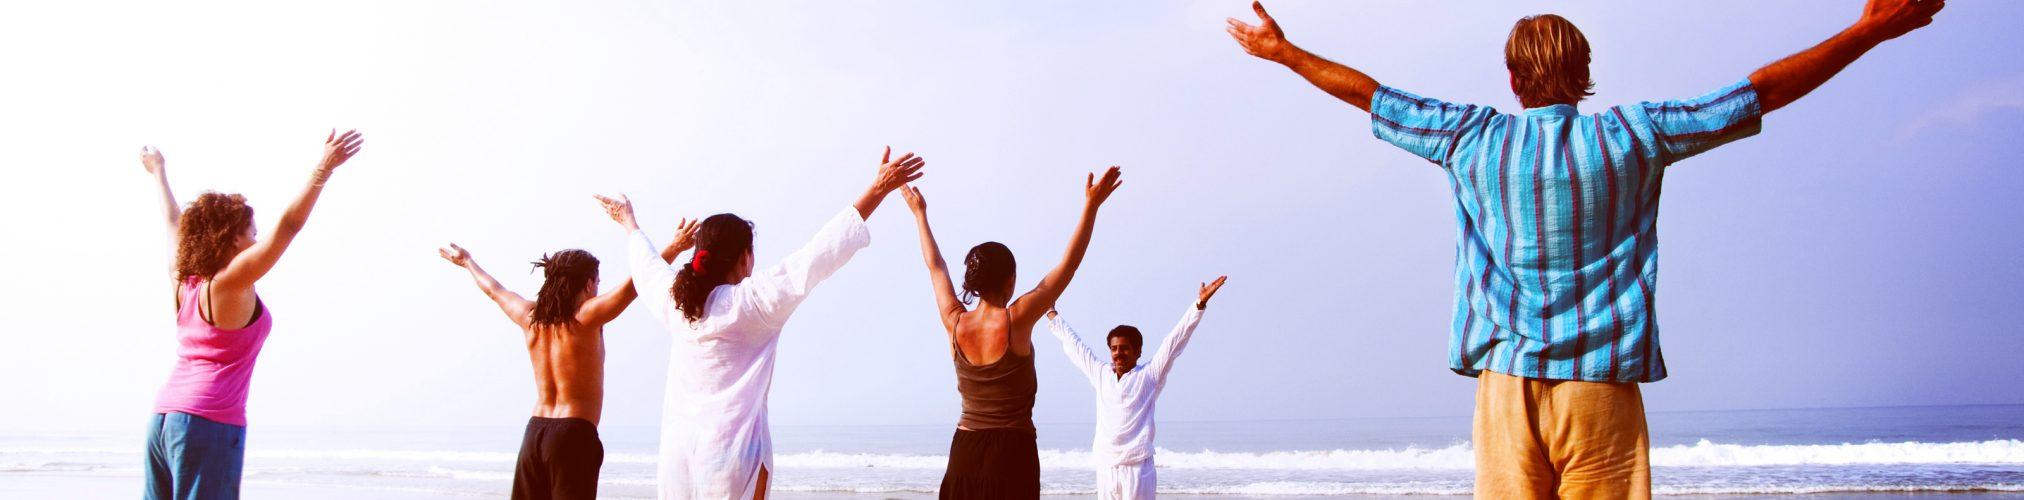 Yoga Class Beach Outdoor Horizon Relaxation Sky Concept